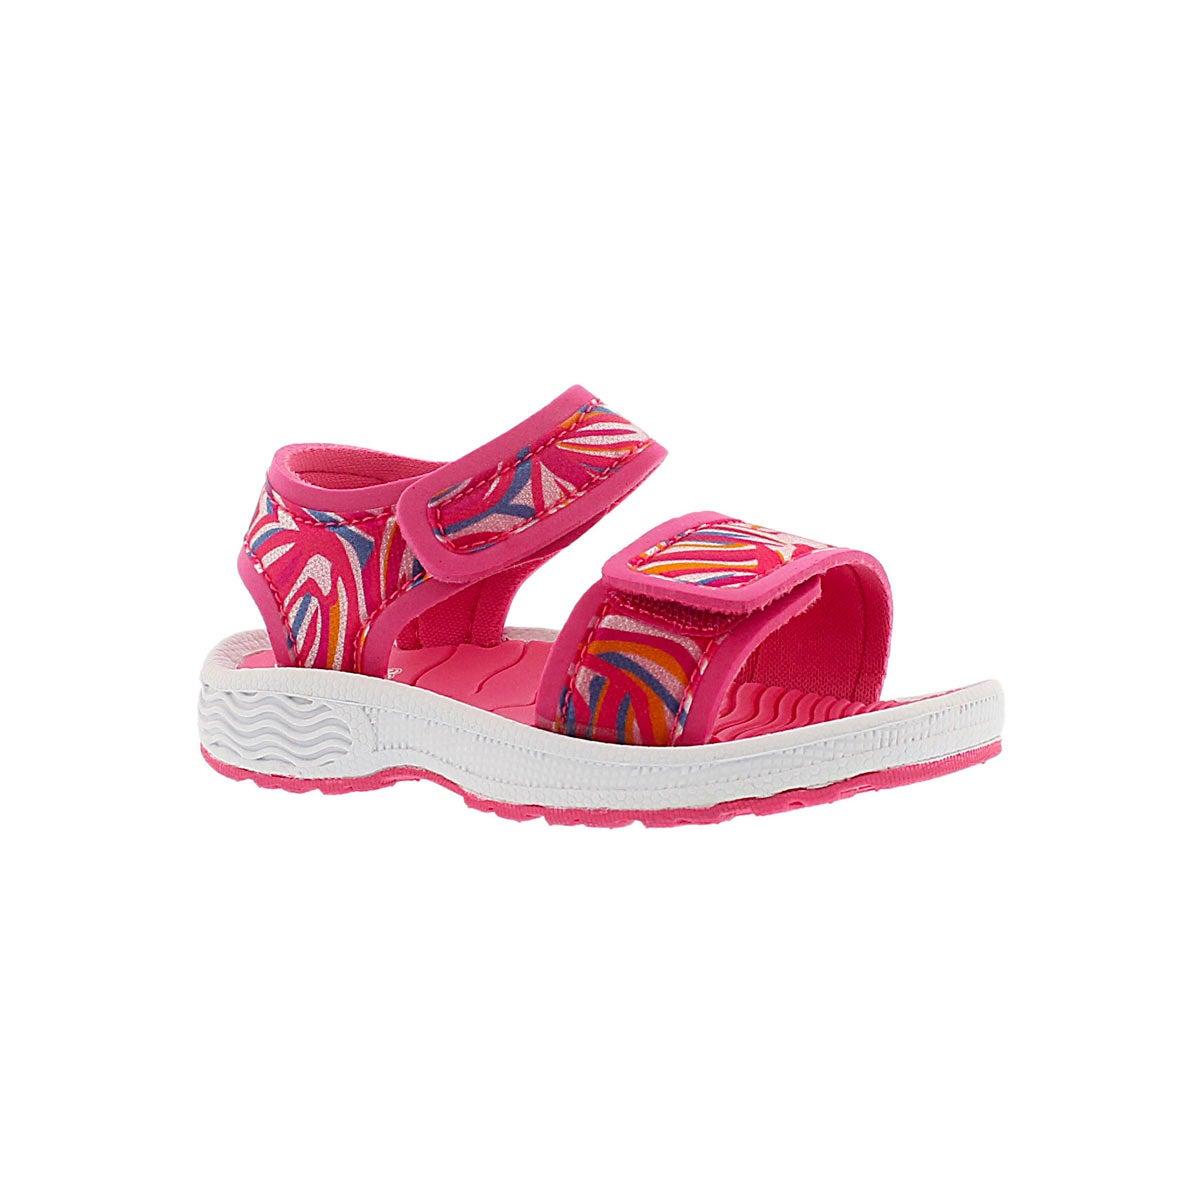 Inf Eveline pink 2 strap sport sandal